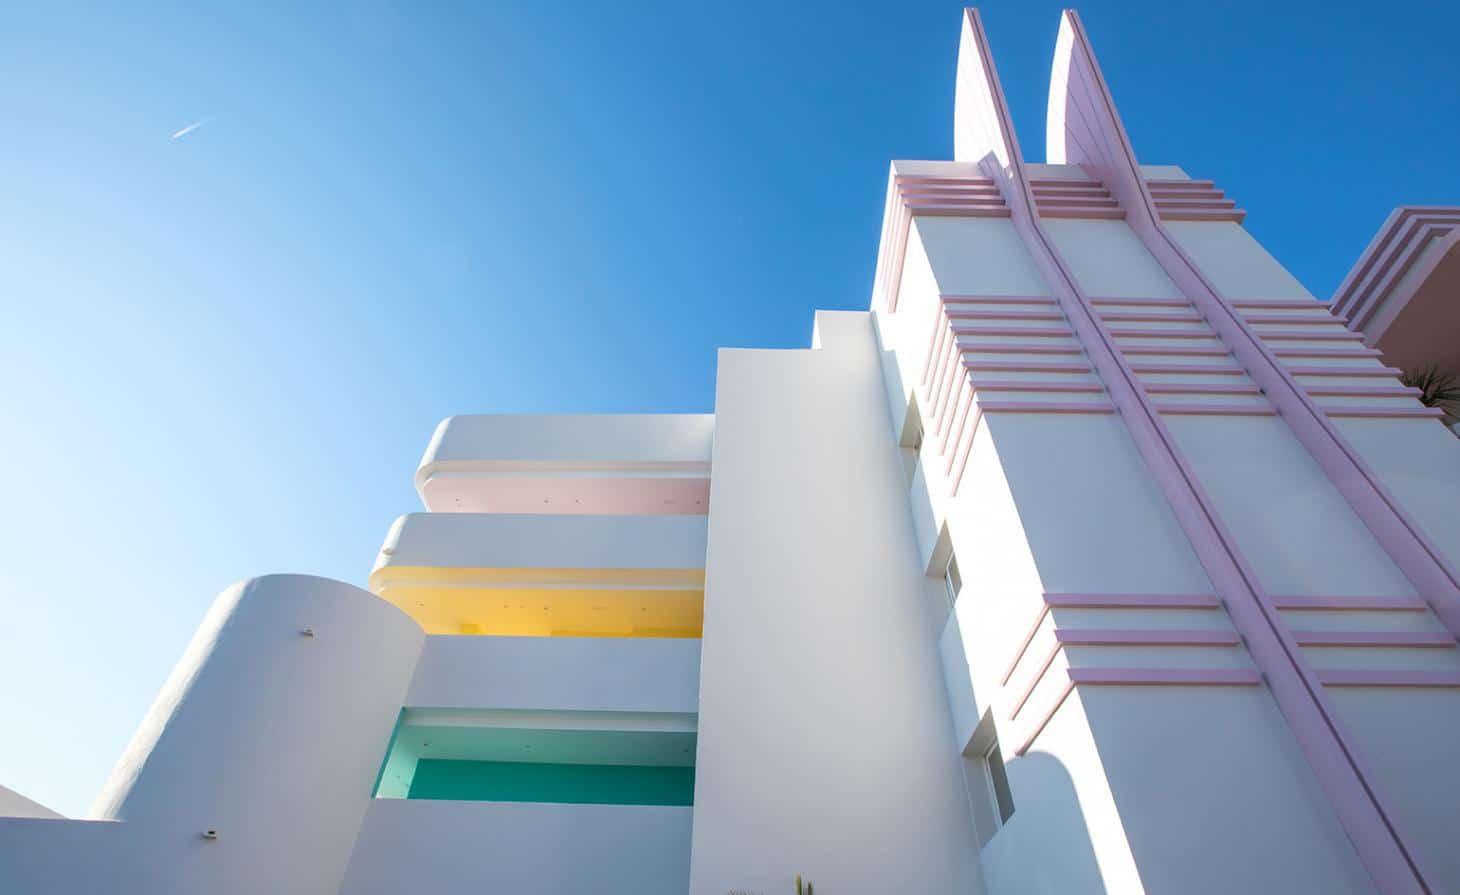 Paradiso Ibiza Art Paradiso Ibiza Art Hotel – Ibiza, Spain Paradiso Ibiza Art Hotel 13